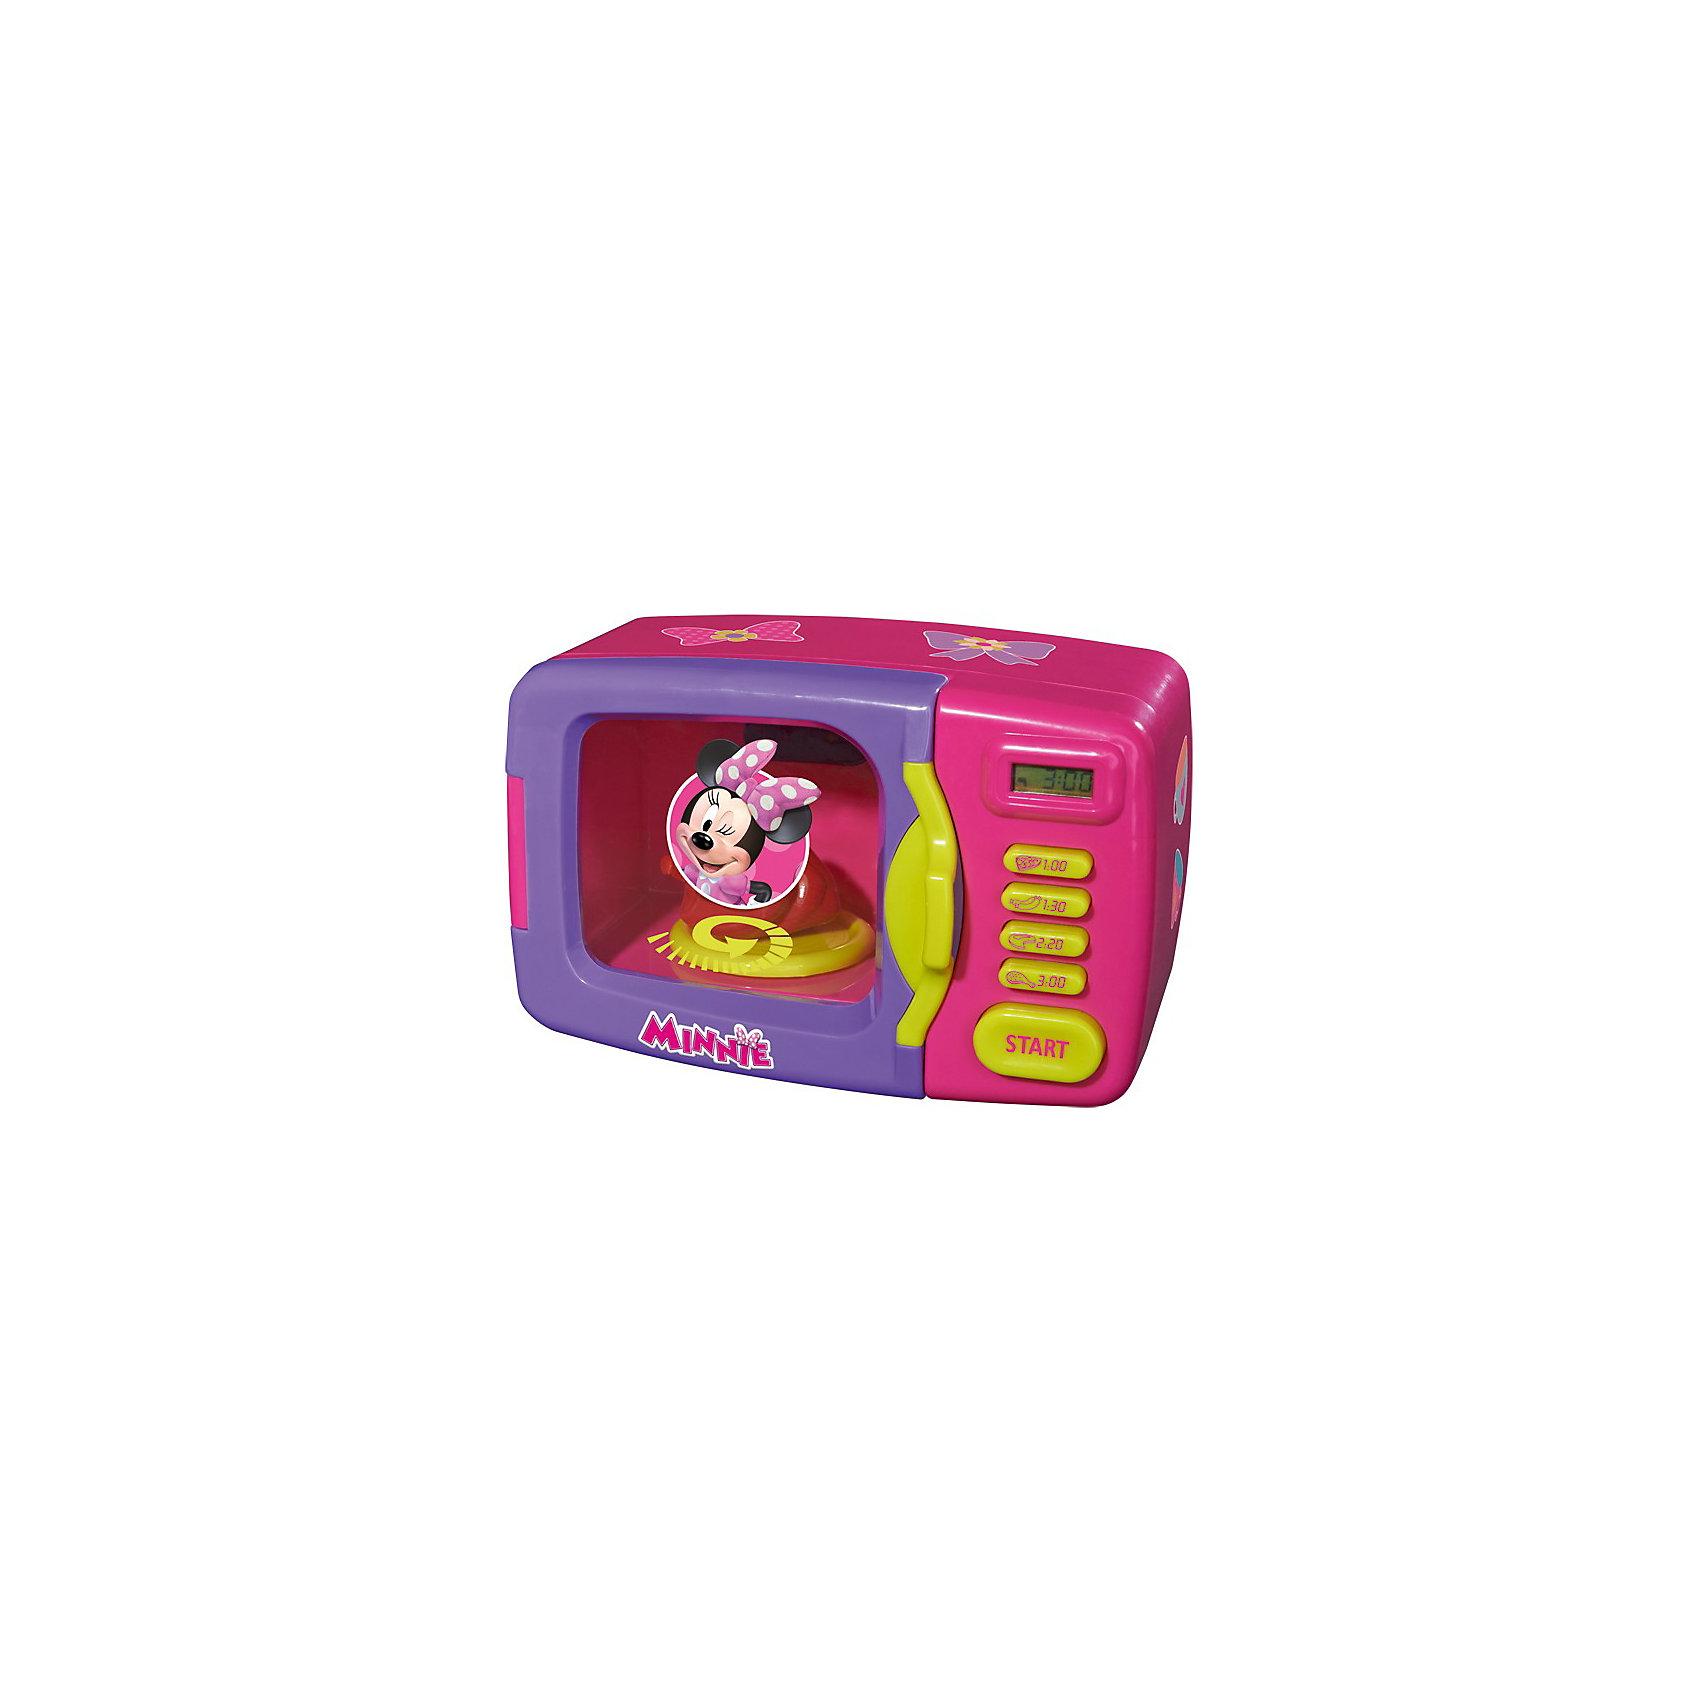 Simba Микроволновка, Minnie Mouse simba тостер minnie mouse 19 см